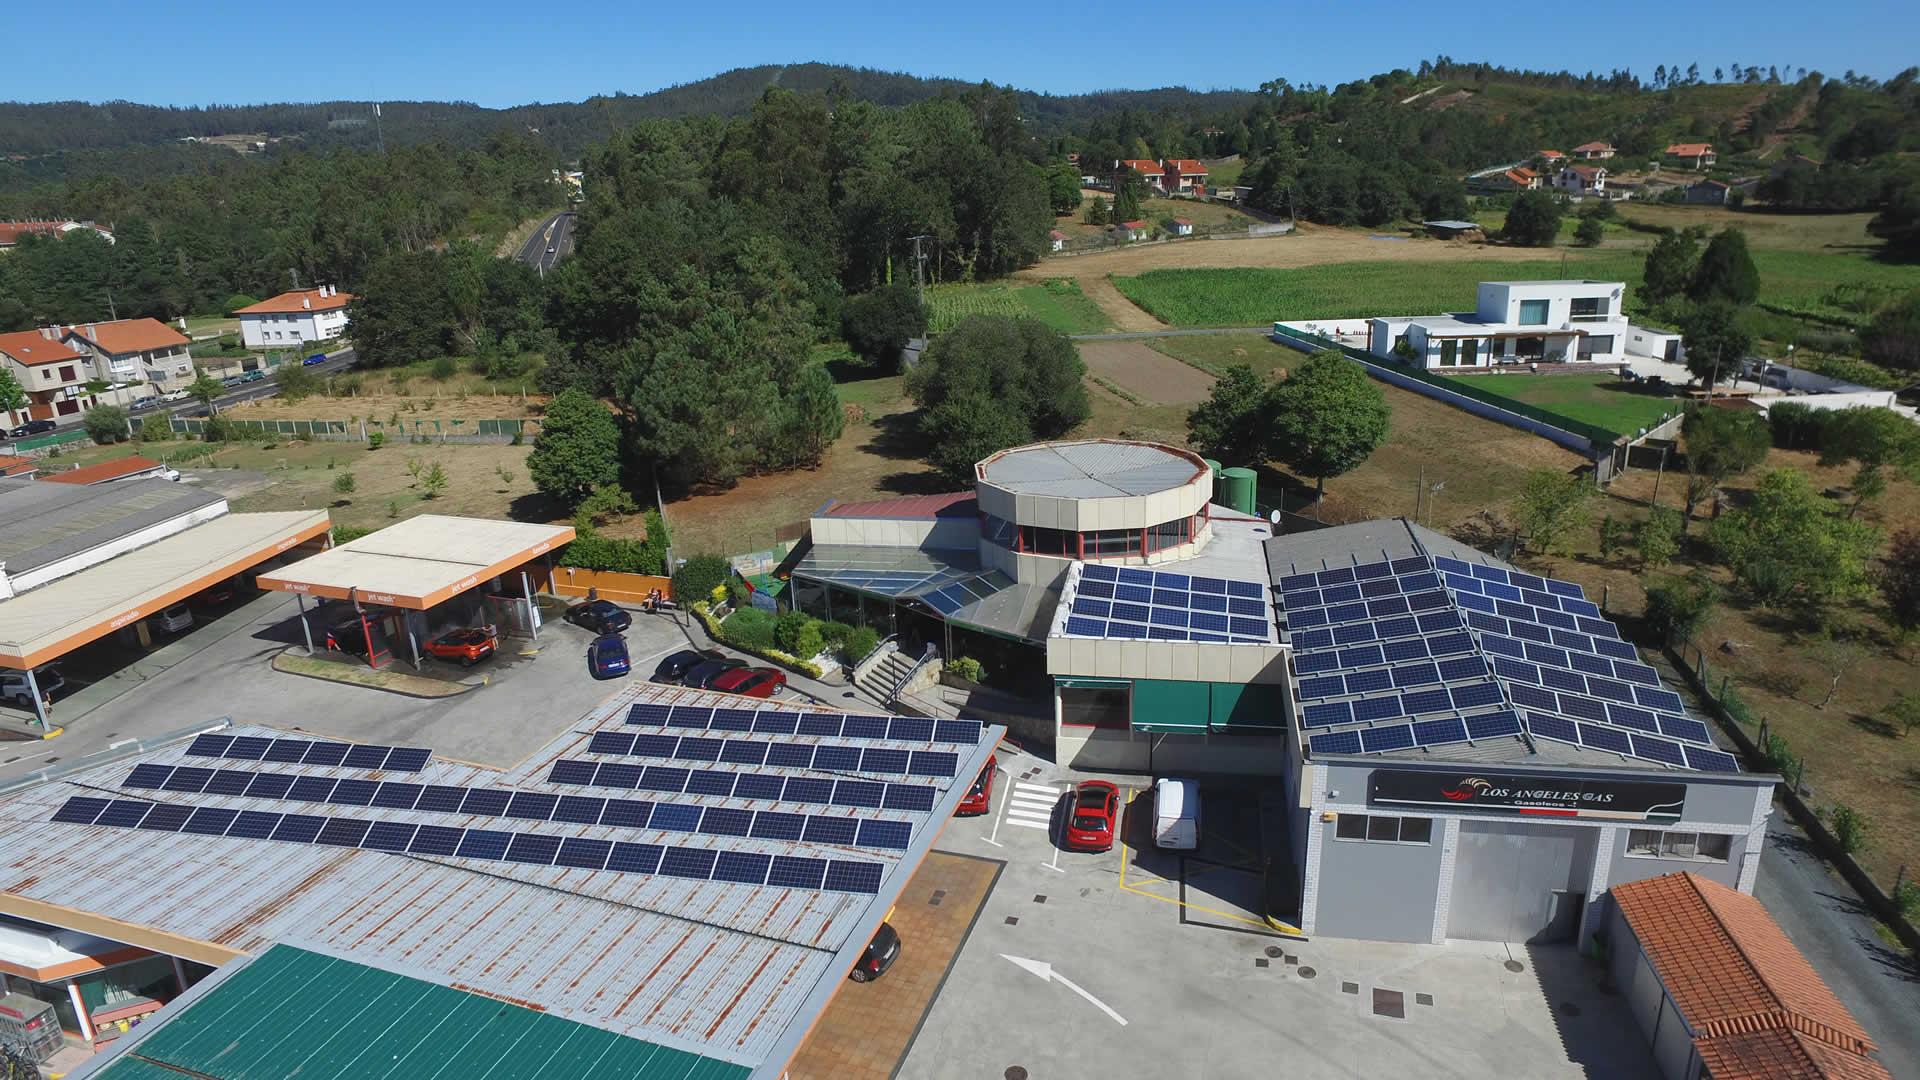 edf-solar-energia-solar-fotovoltaica-autoconsumo-gasolinera-manzaneda-8